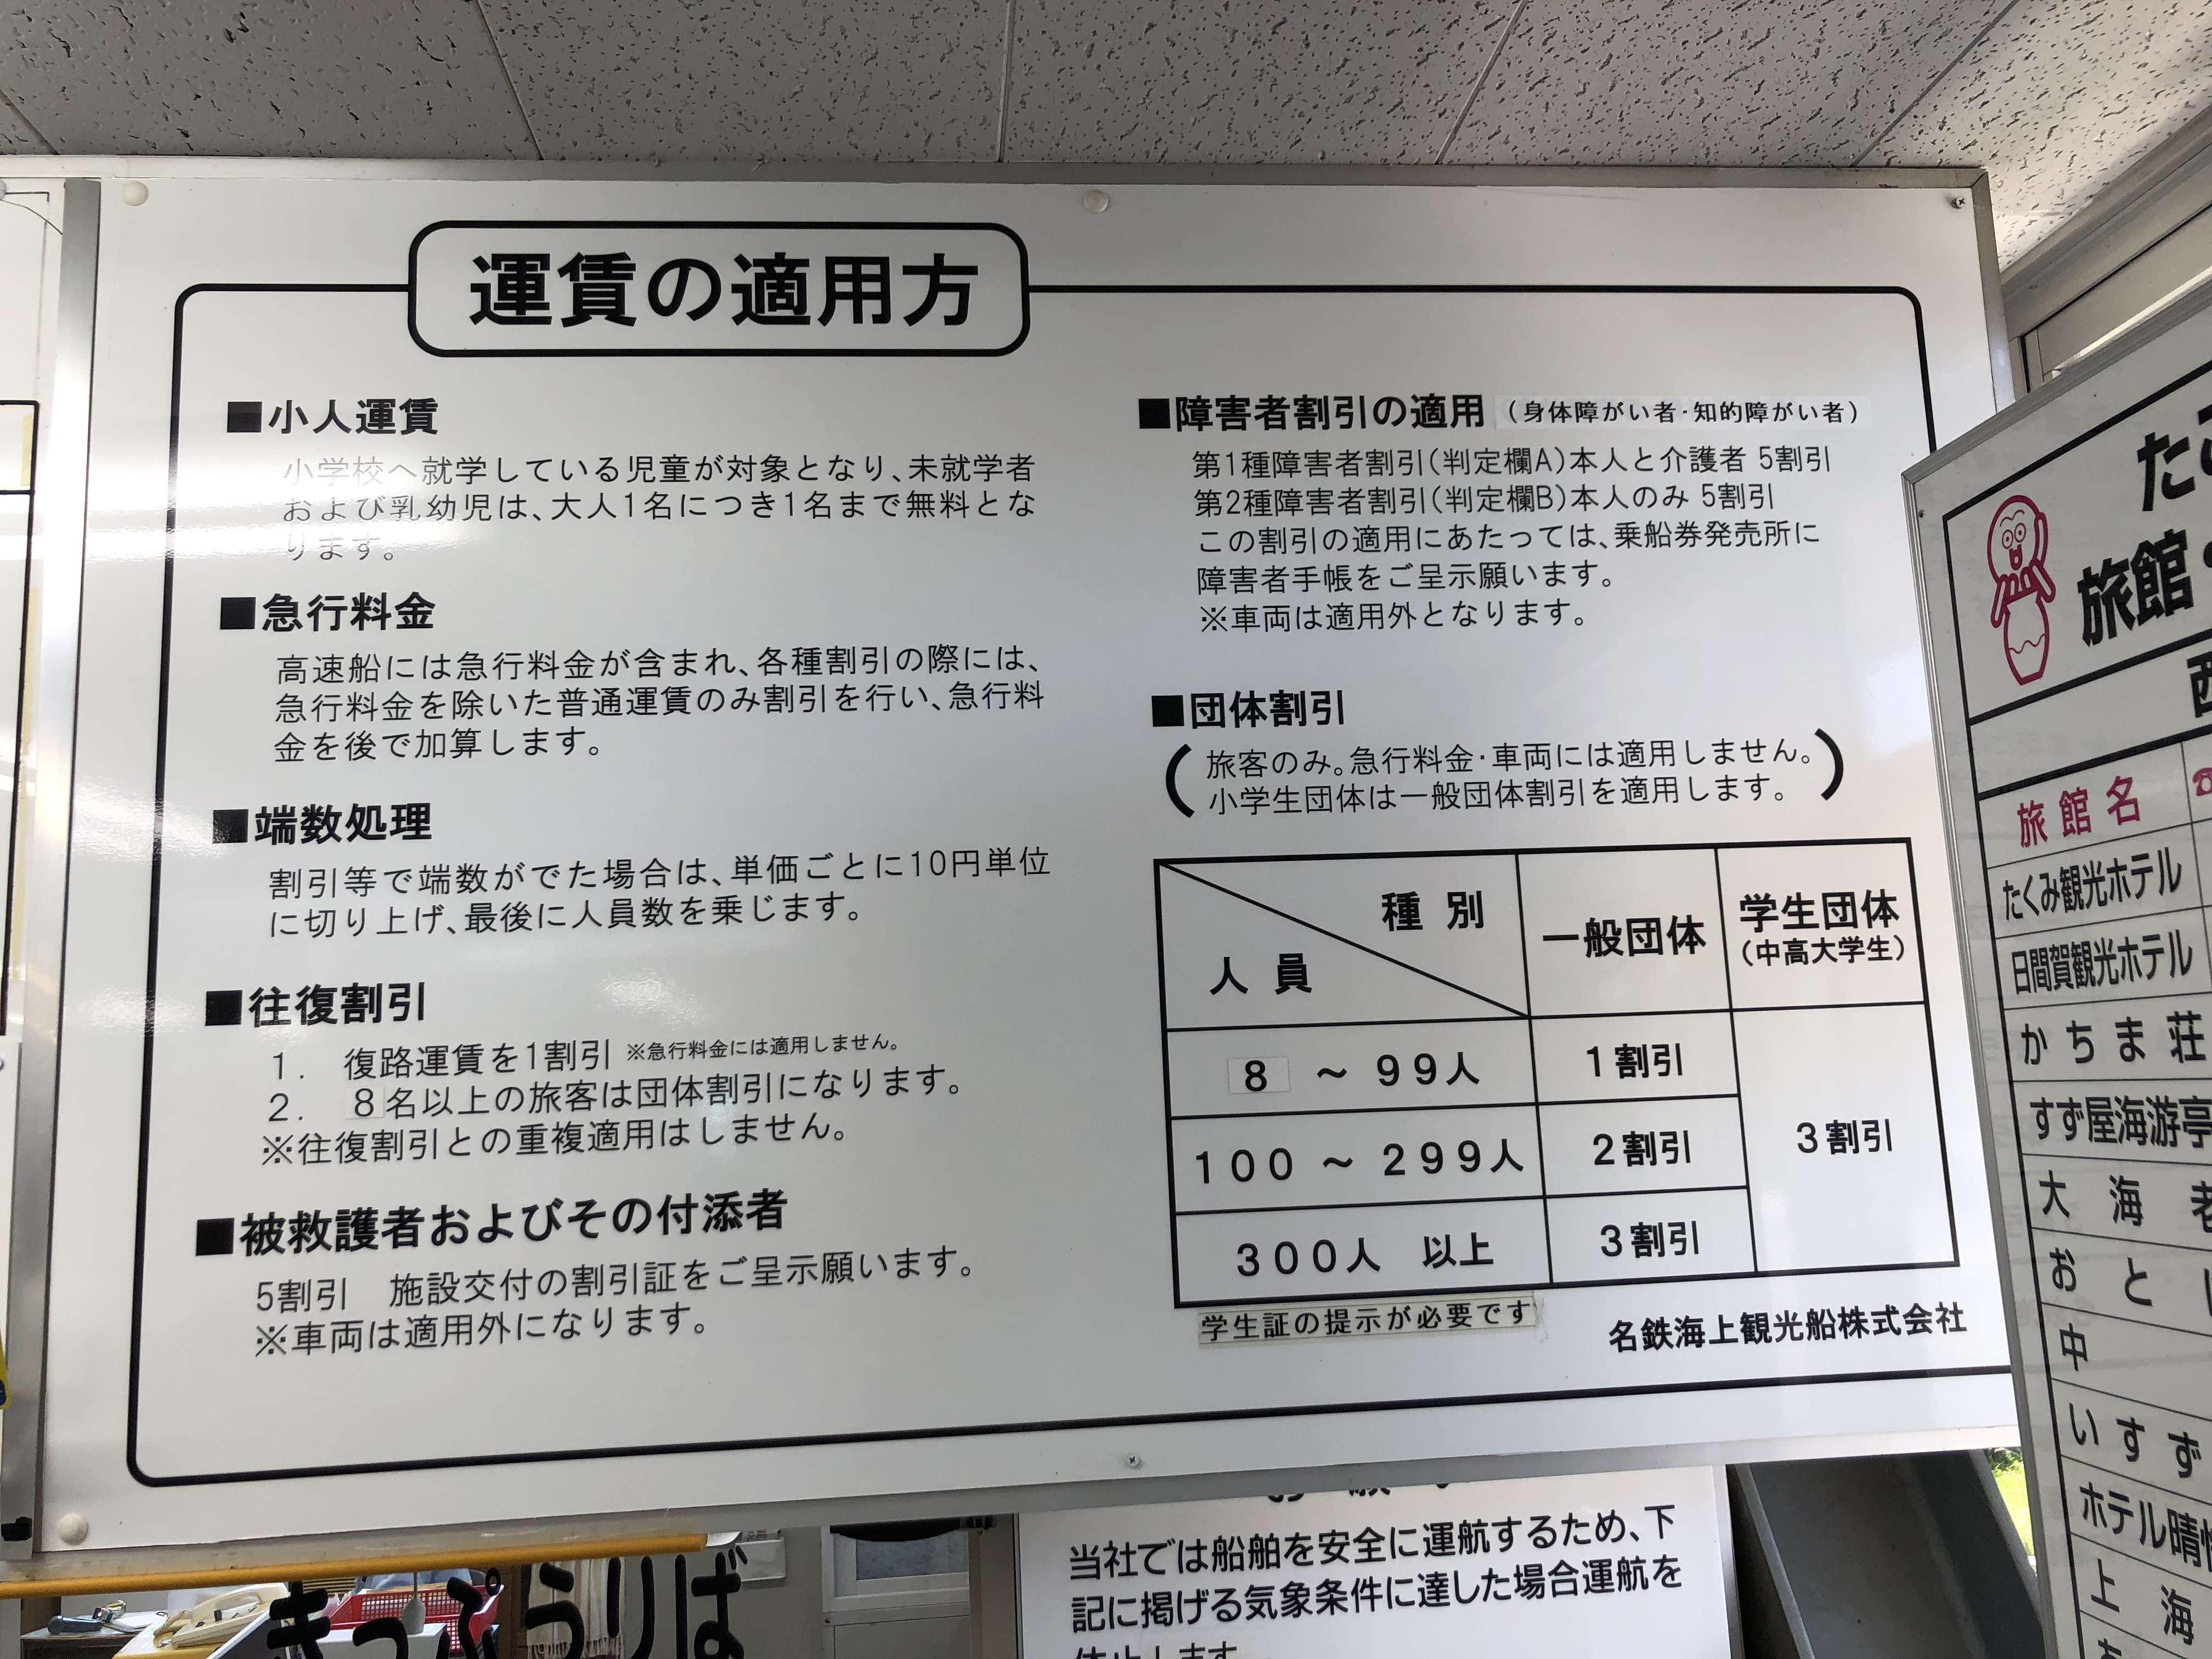 日間賀島 河和港 運賃 適用方 割引